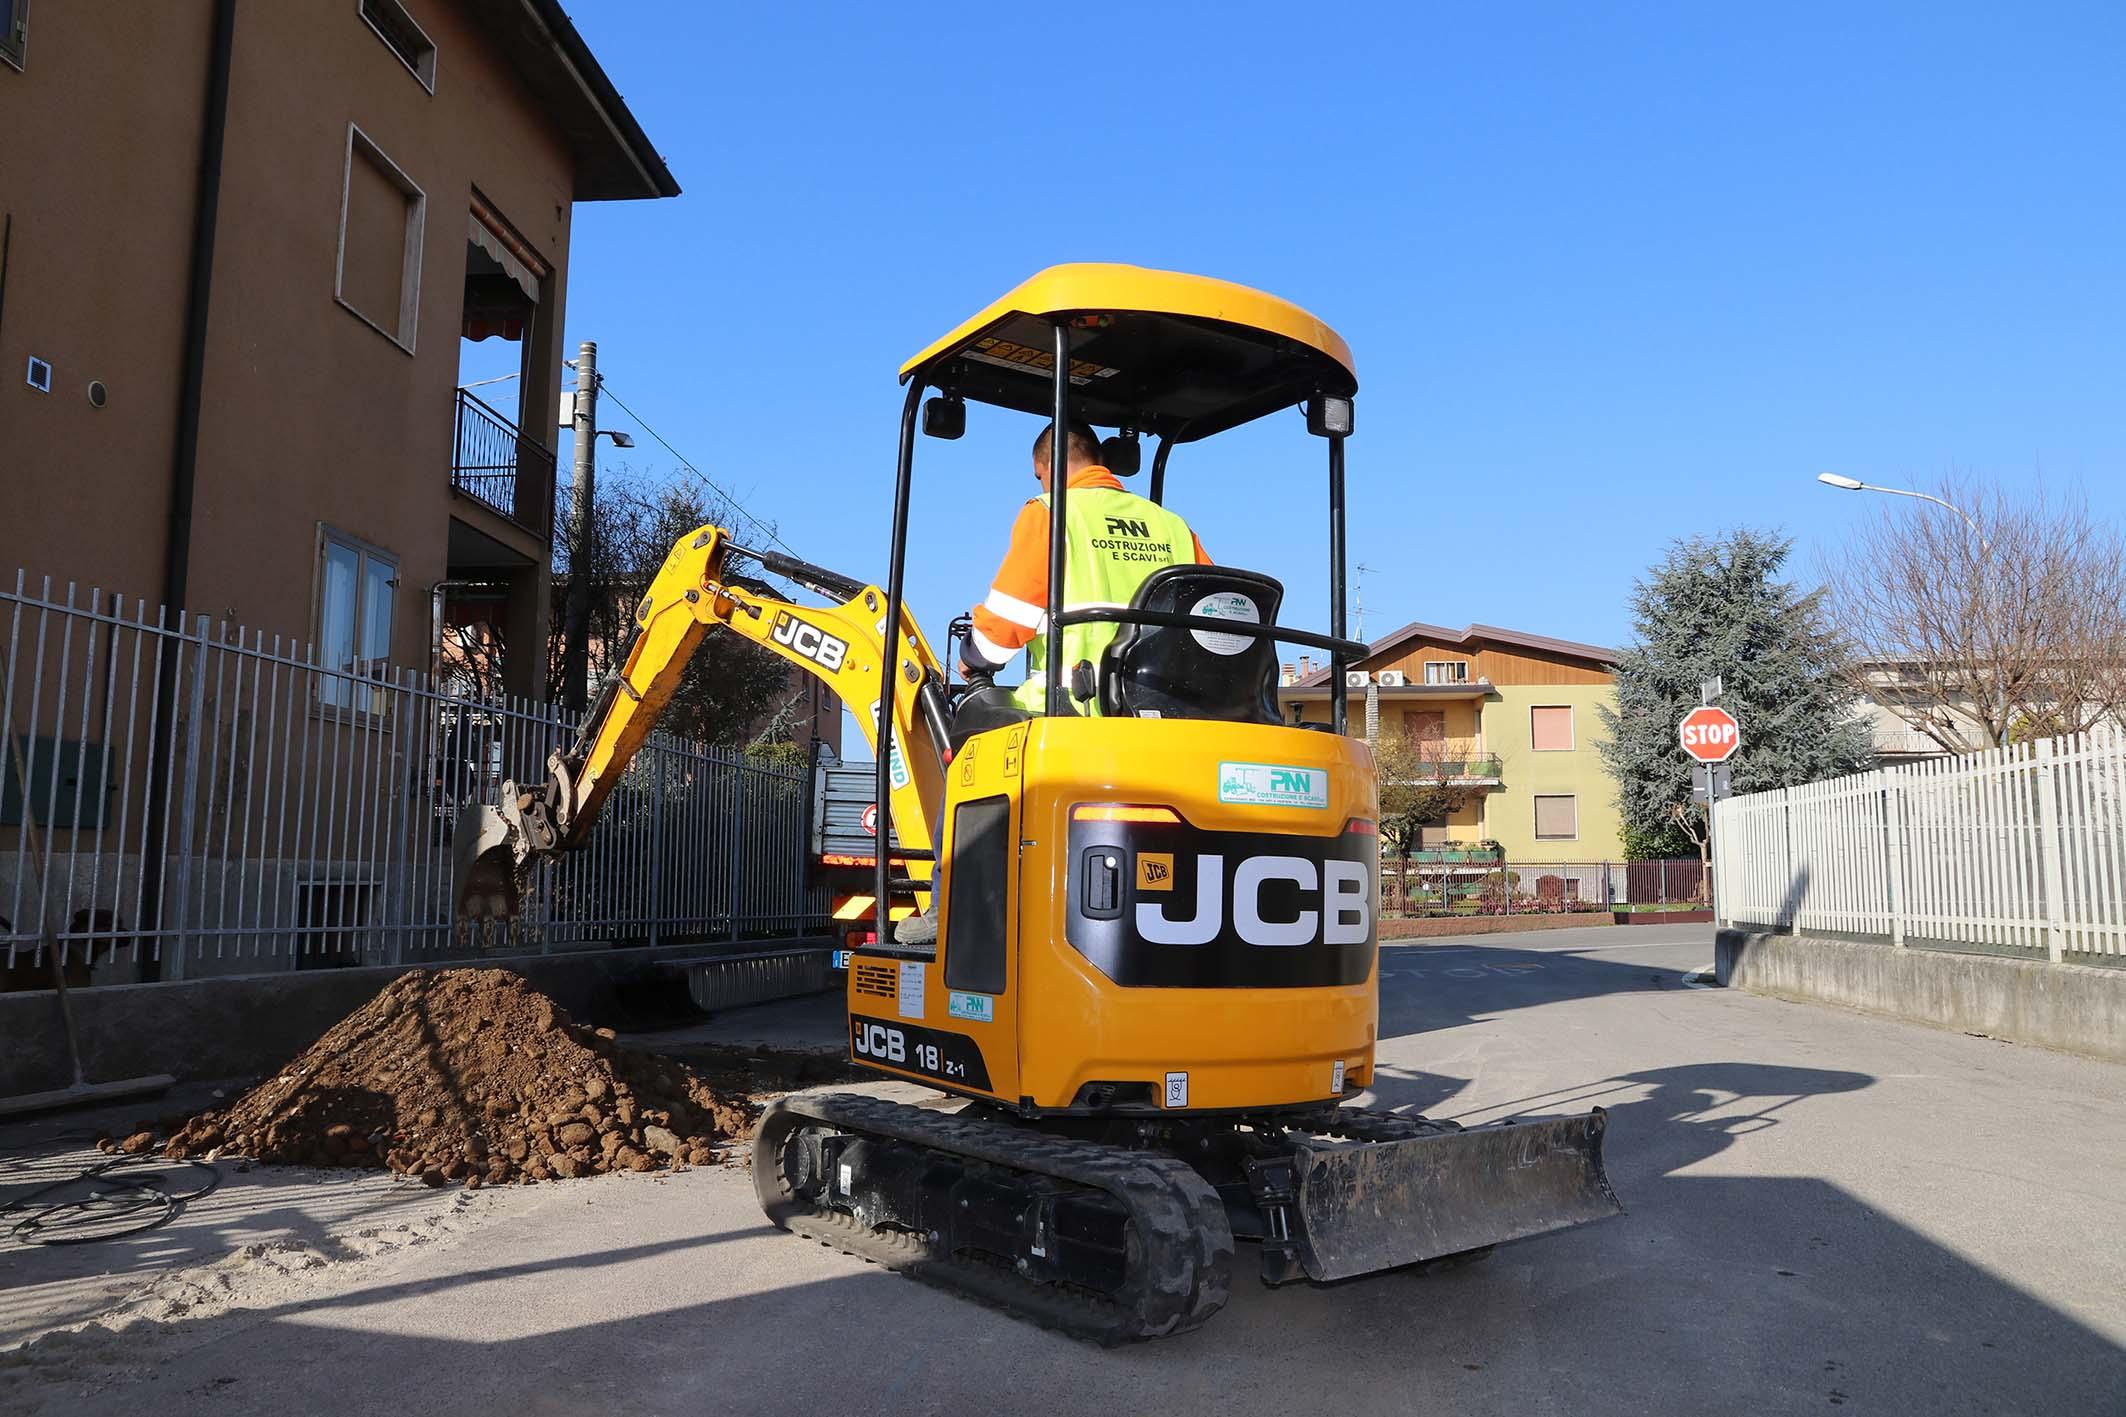 jcb macchine industriali - Pagina 3 604d1152-7dc3-4524-954a-7a386400a4b0